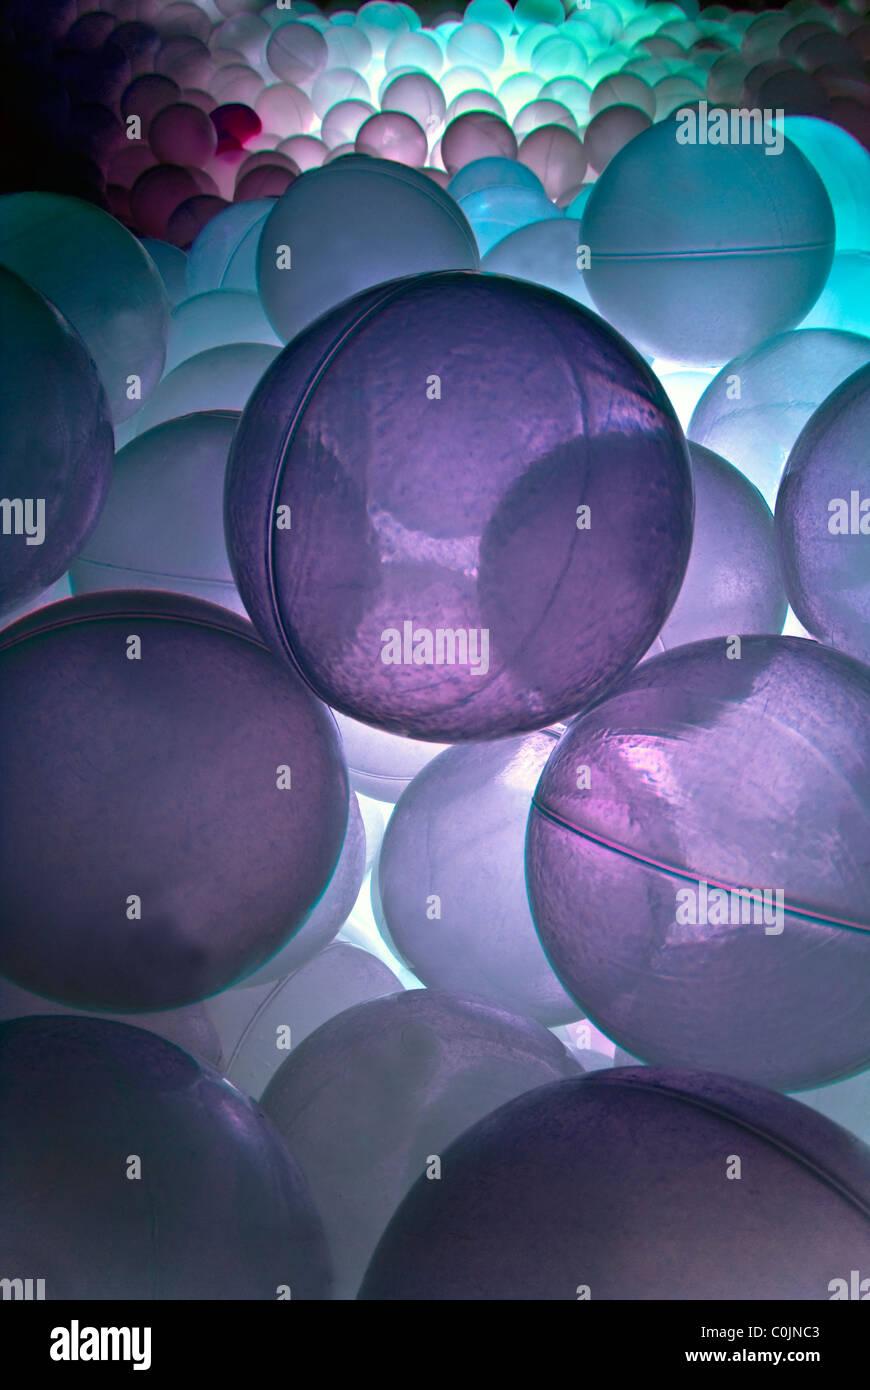 Piscina di palline con luce viola nella luminosa sala sensoriale. Immagini Stock